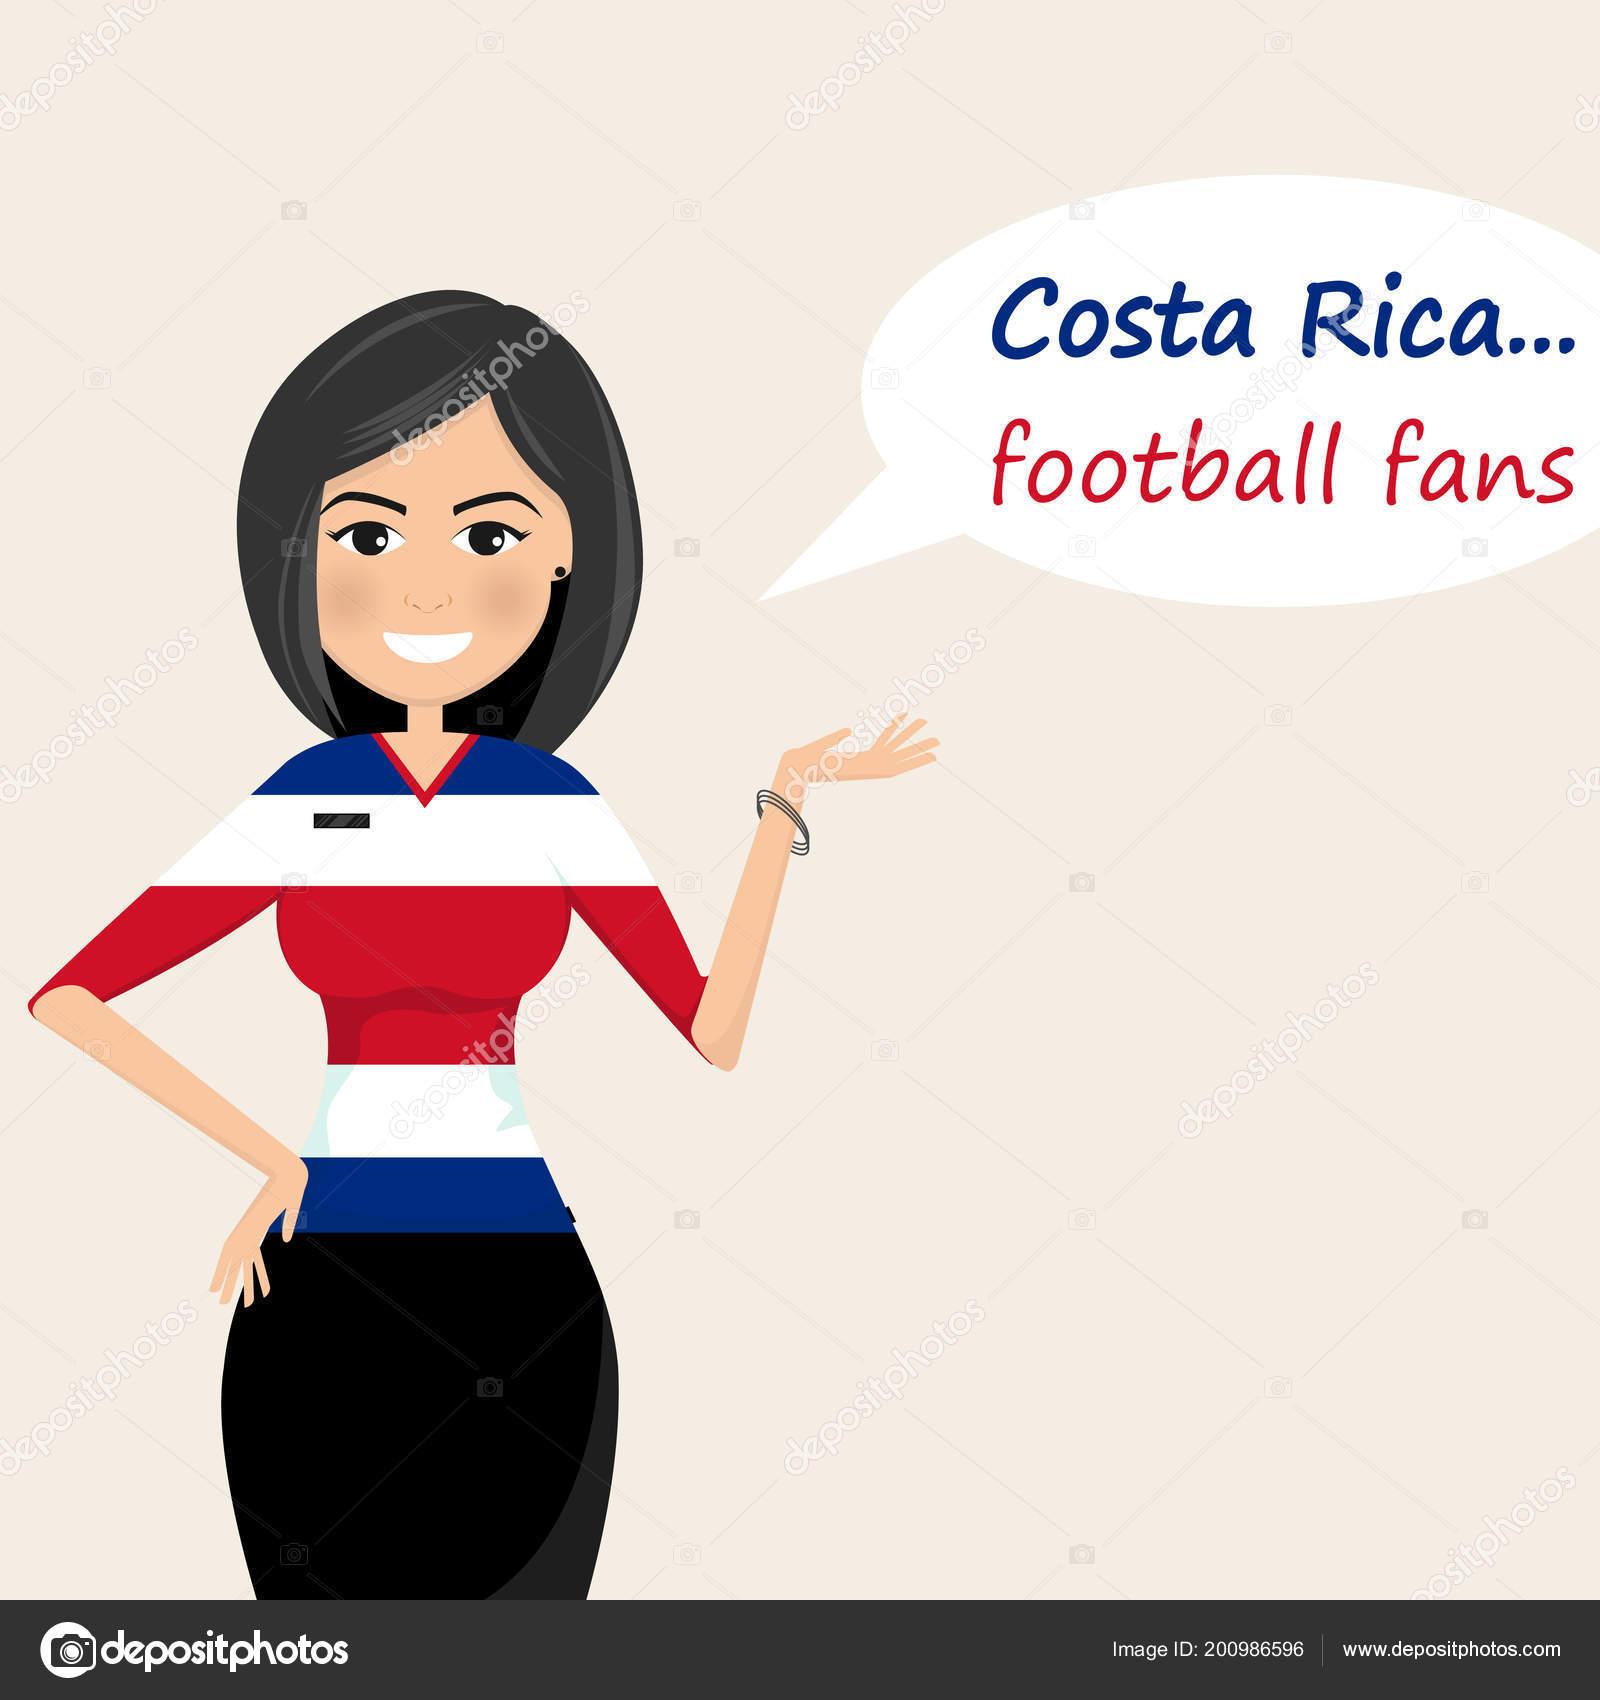 83389837b36b9 Fanáticos Del Fútbol Costa Rica Fanáticos Del Fútbol Alegre Imágenes —  Vector de stock